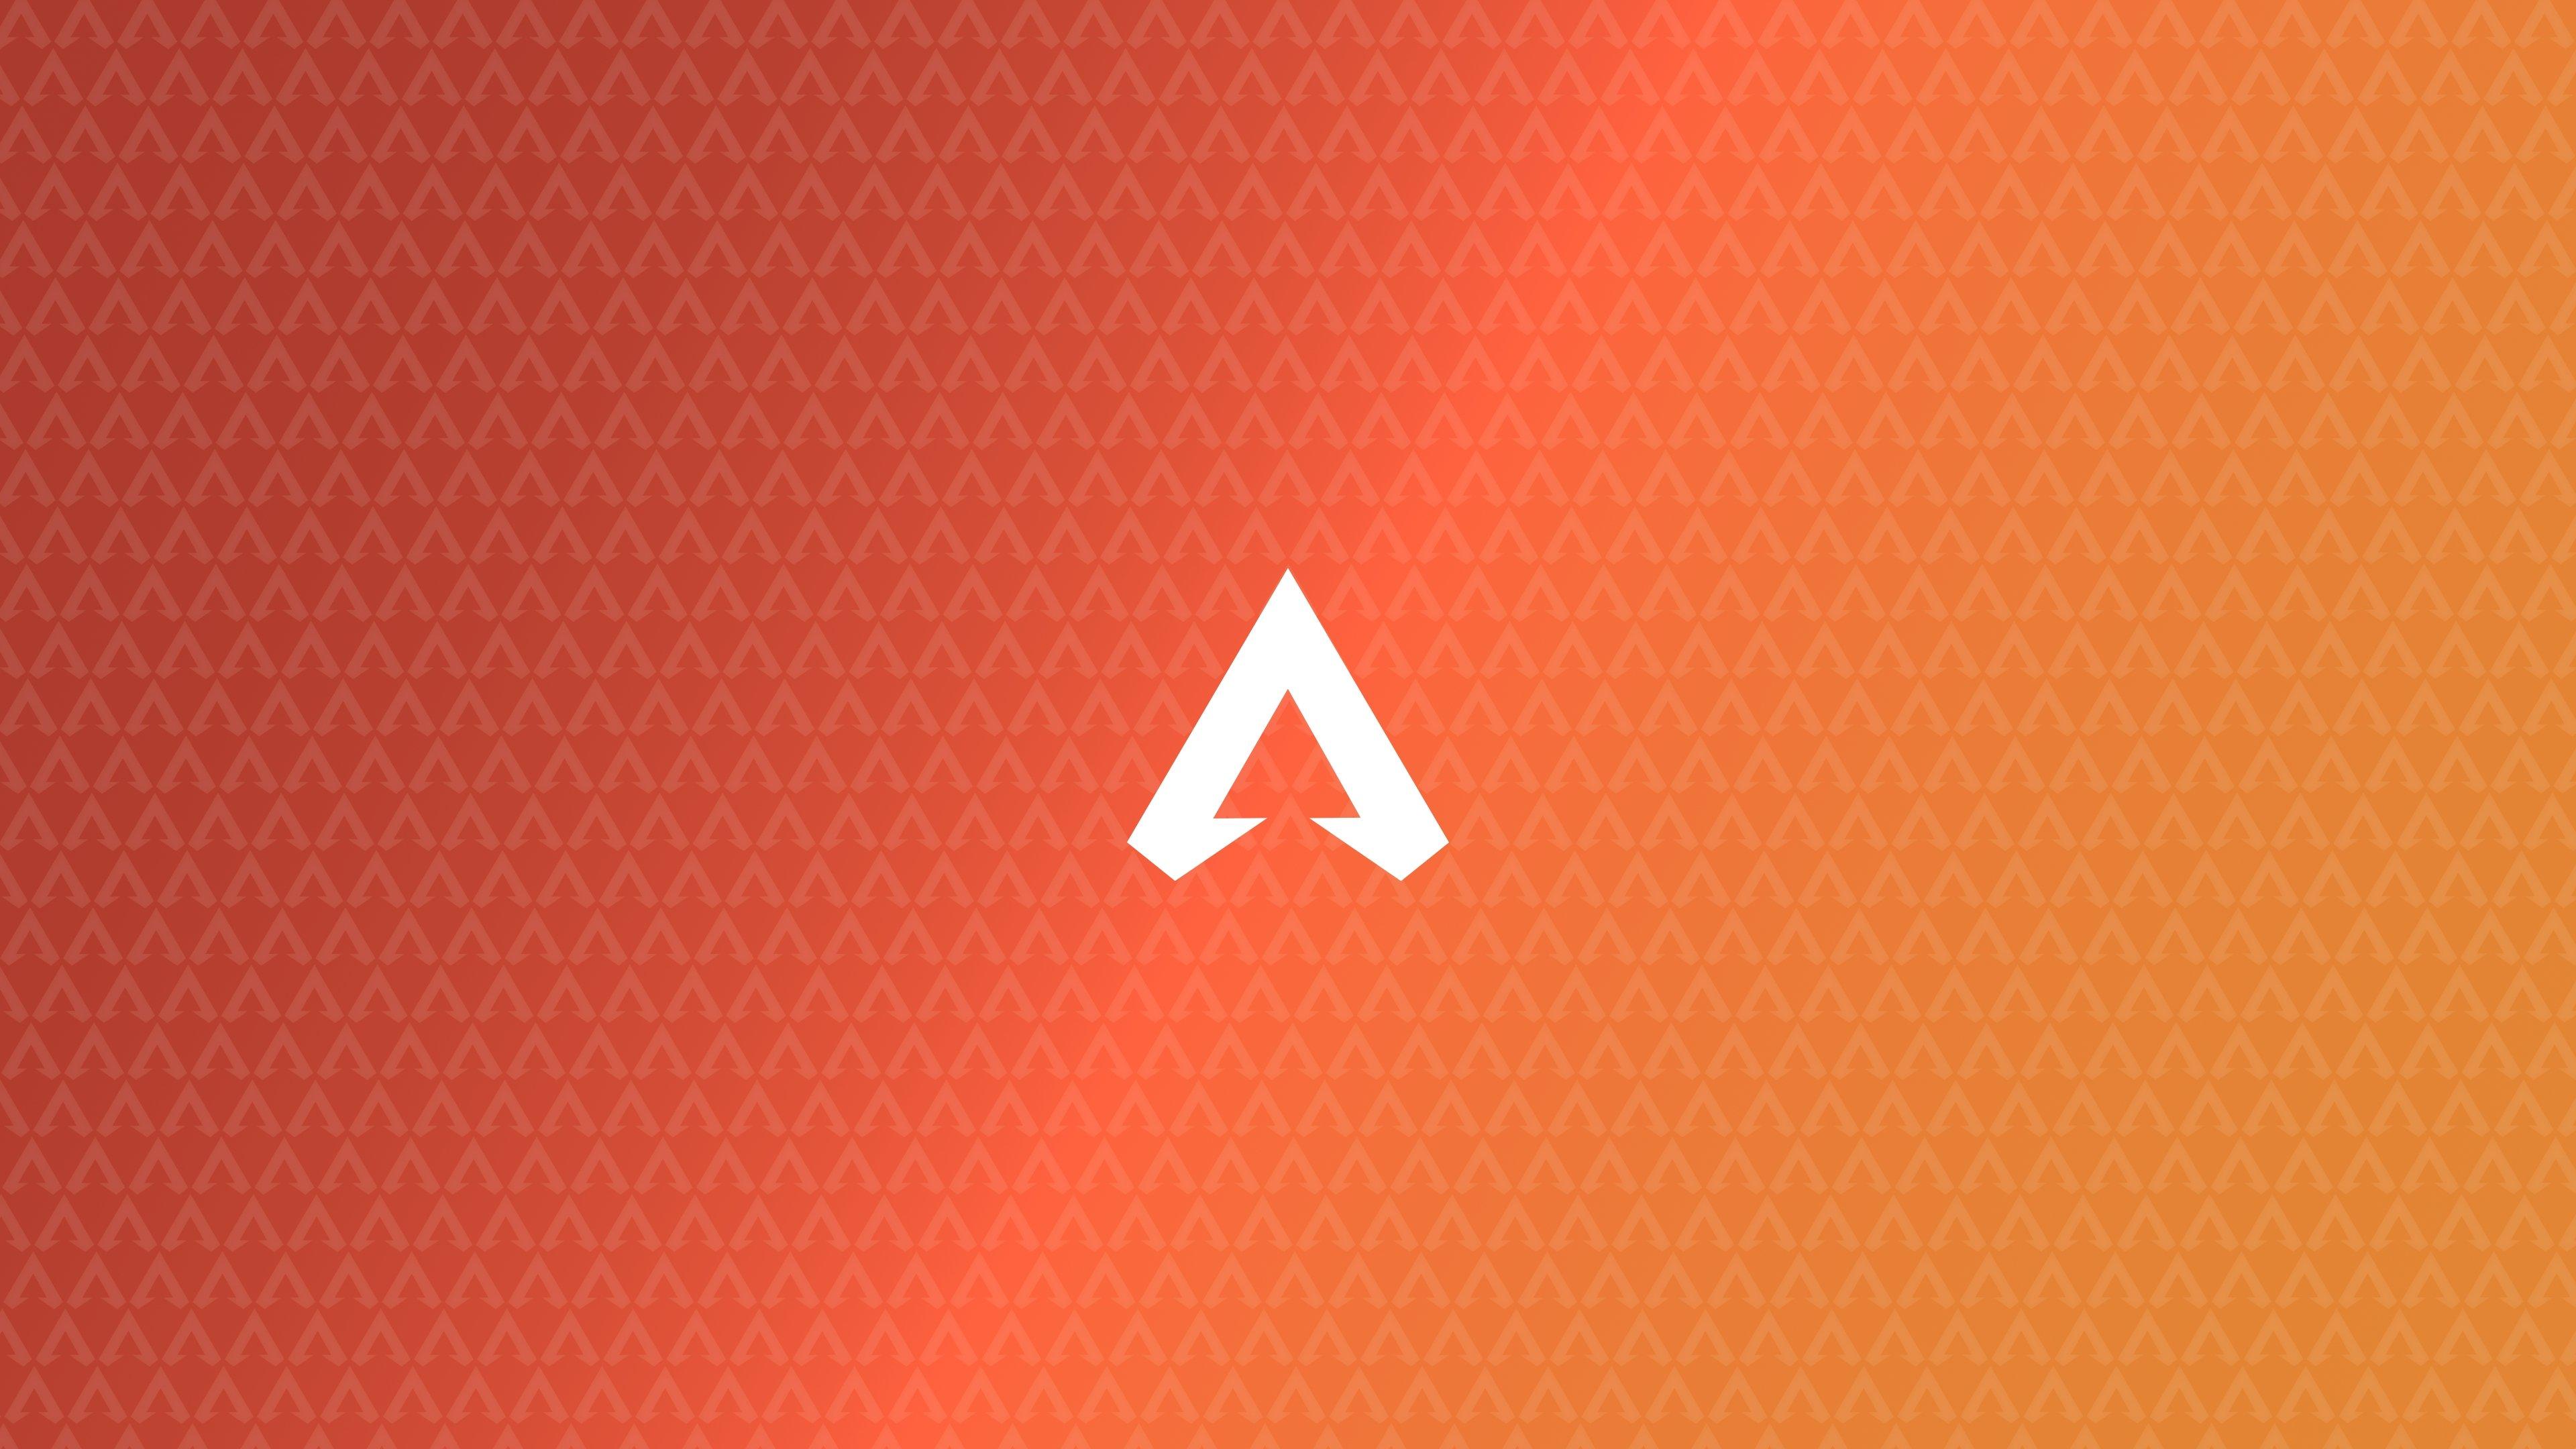 Fondos de pantalla Apex Legends logo